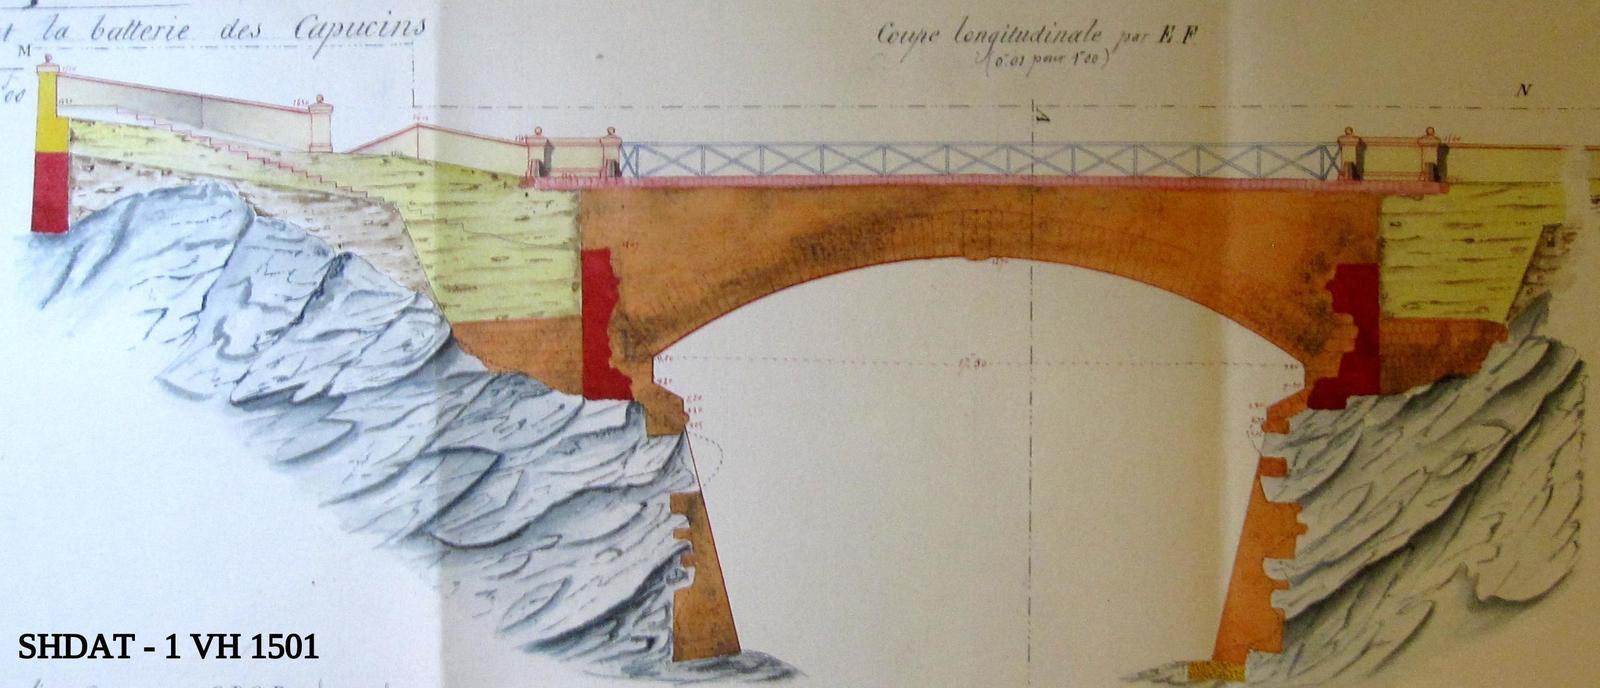 Projet d'achèvement du pont en juin 1862 (© Service historique de la Défense)